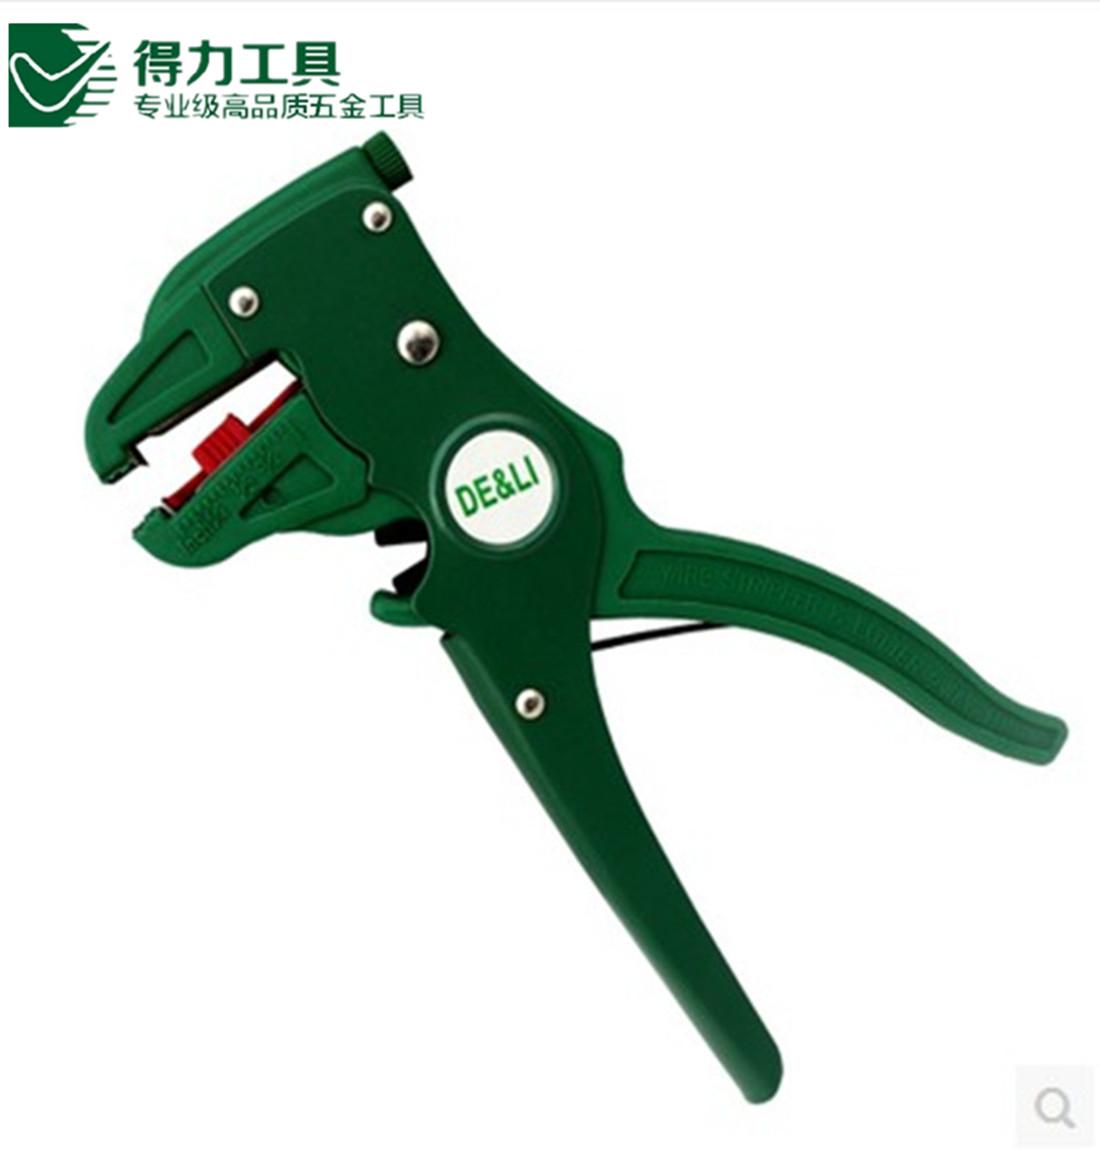 正品 得力鸭嘴剥线钳电工工具拨线钳电线剥皮器 多功能剥线钳2003